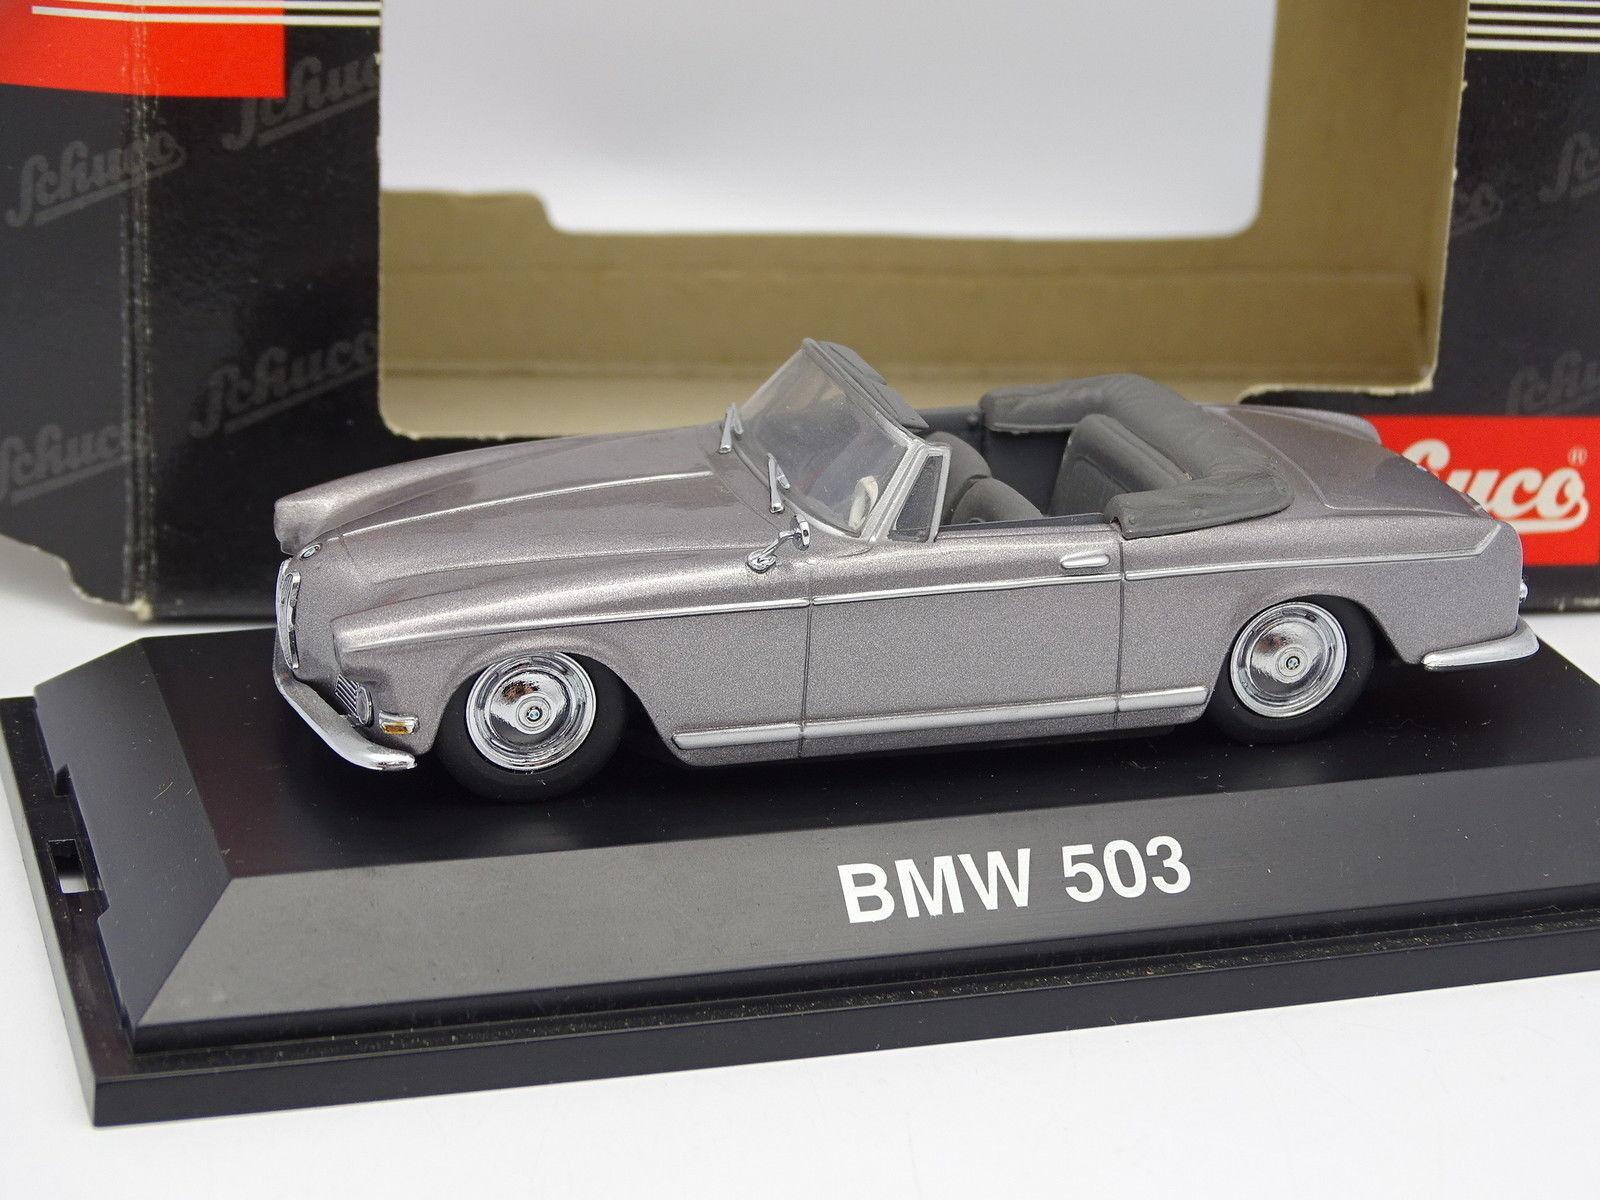 Schuco 1 43 - bmw 503 grey grey grey cf3ea7